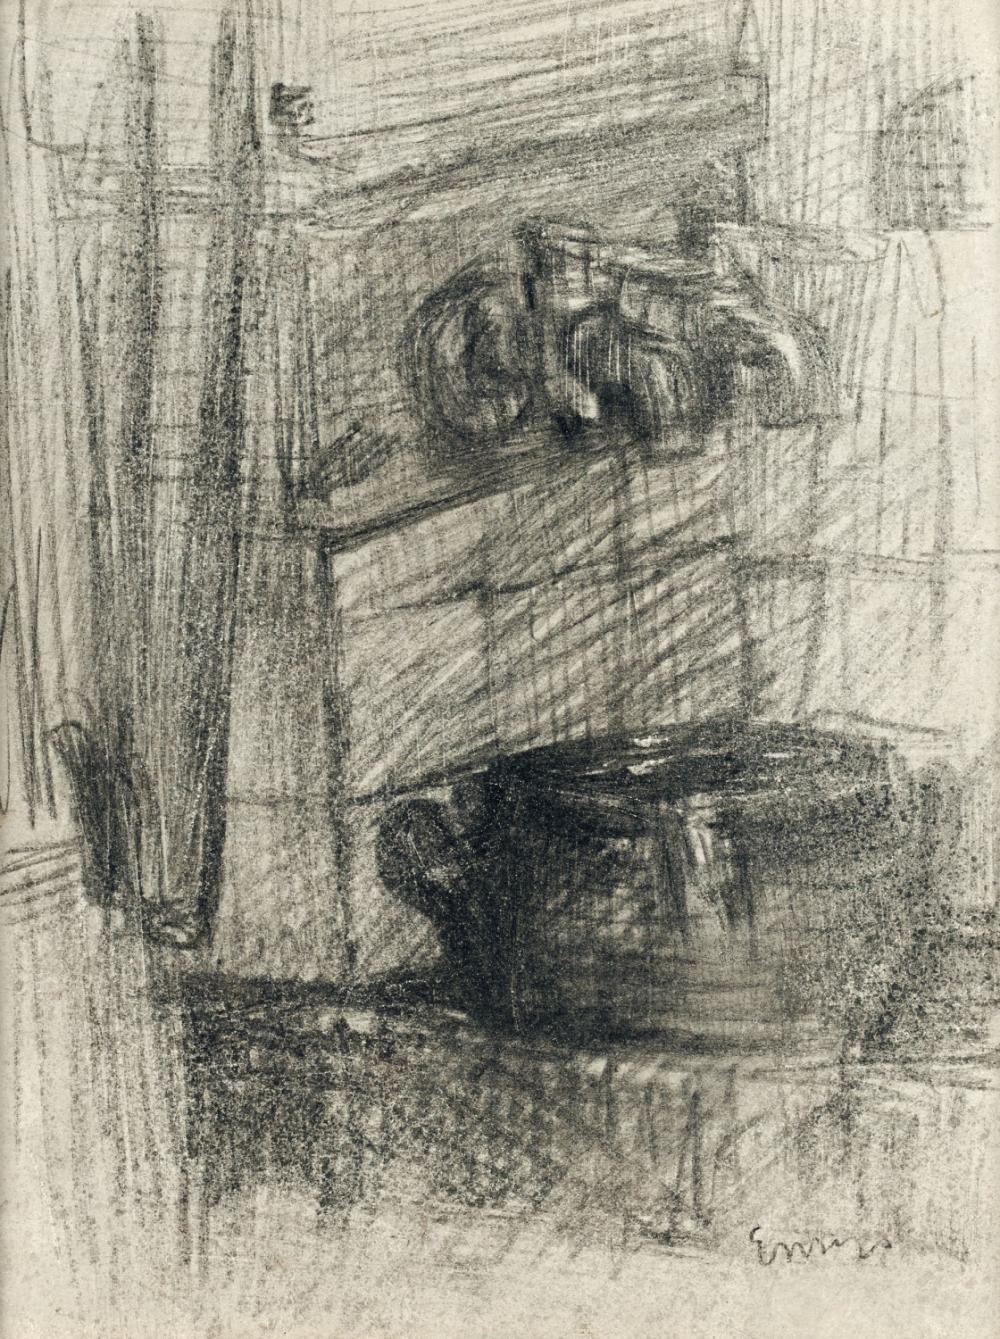 Ensor James - The sink (ca. 1882-85)